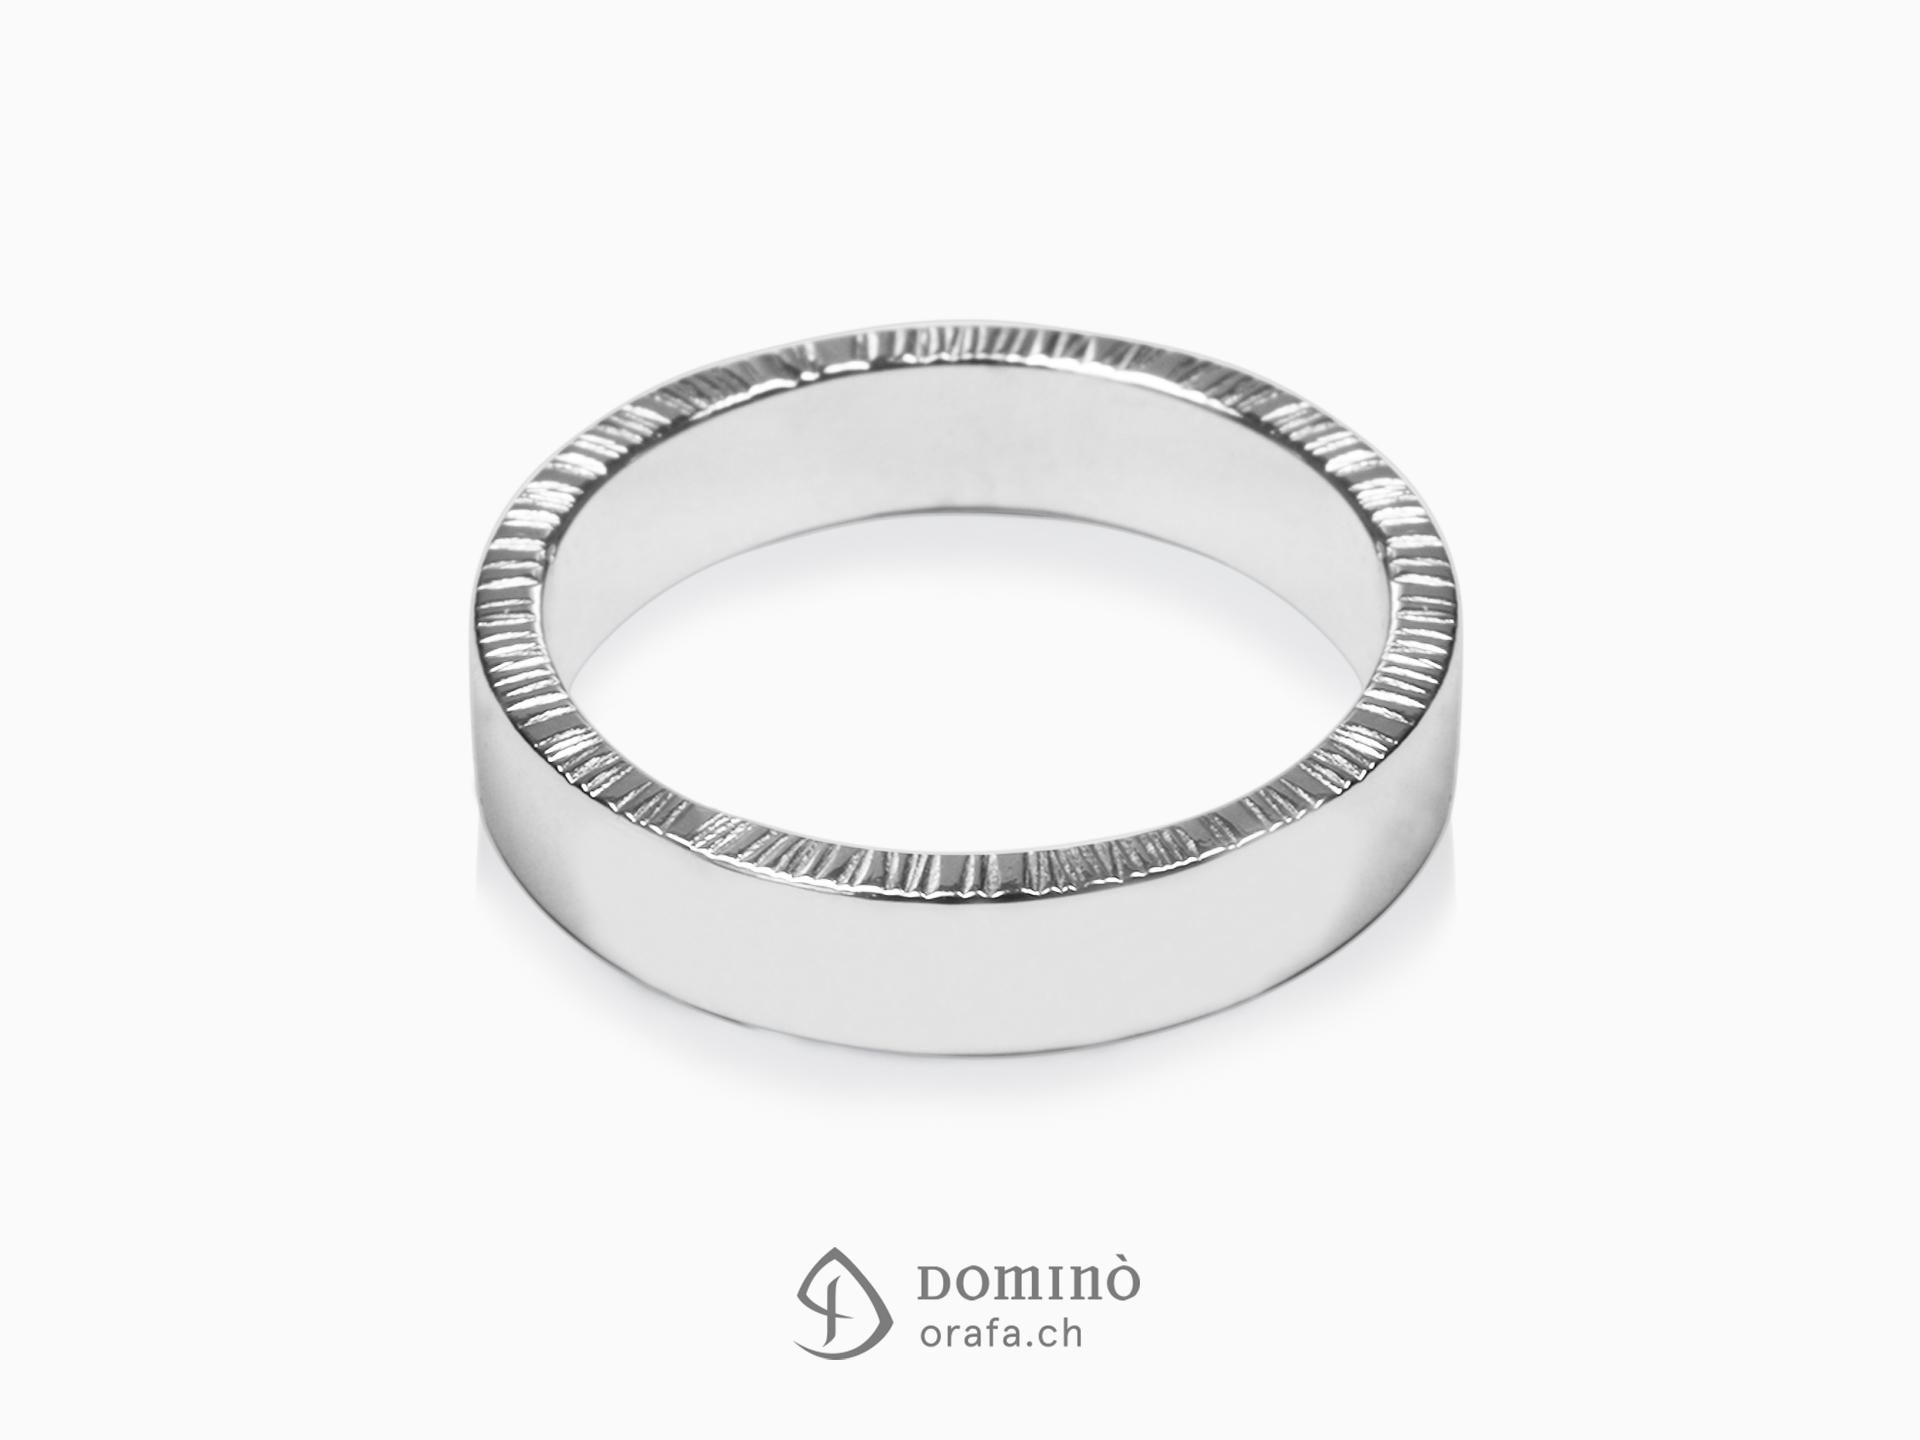 Linee board rings